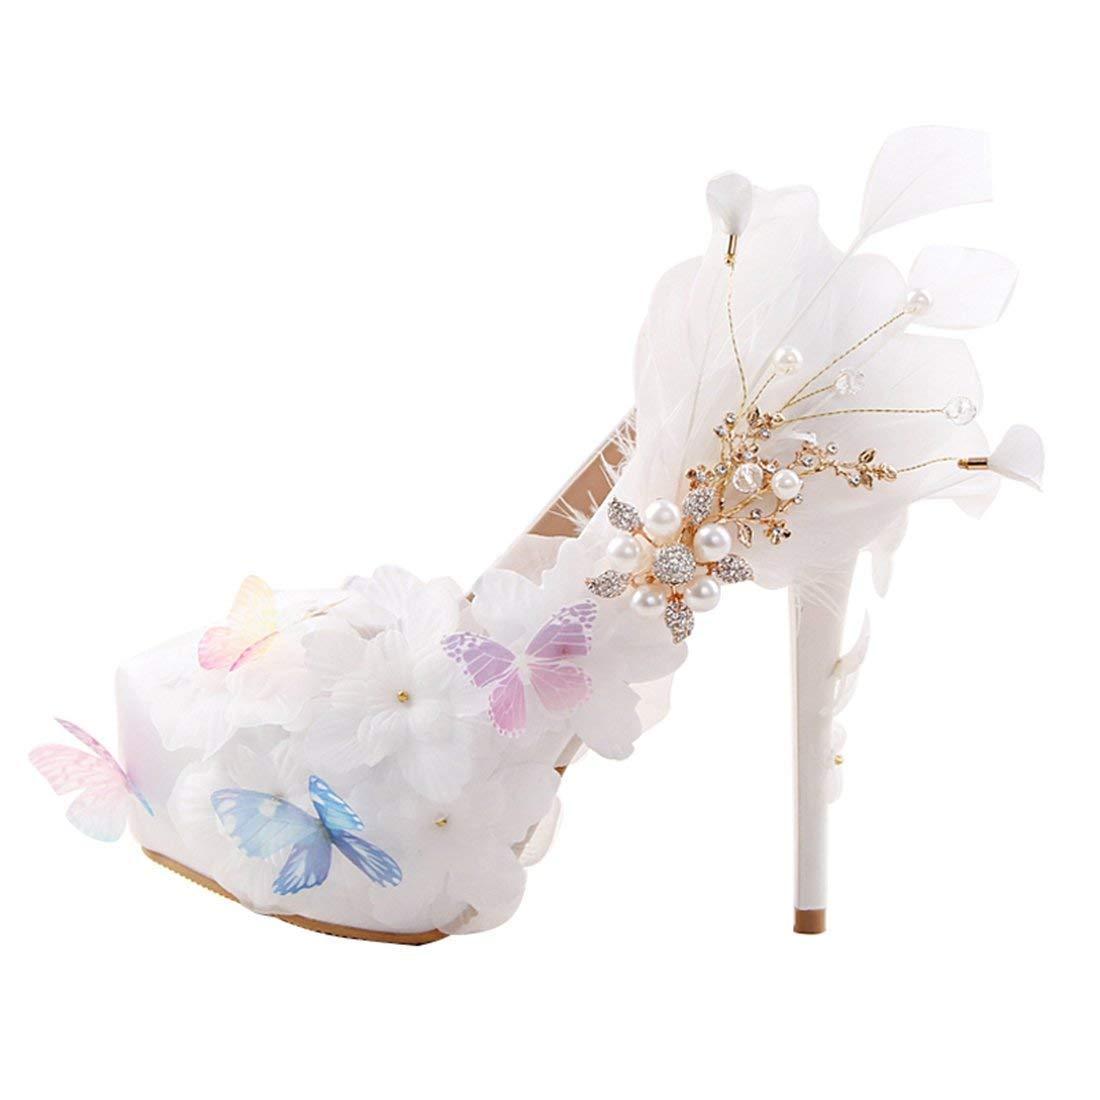 ZHRUI Damen luxuriöse Applique Platform Satin Braut Hochzeit Slip-on Schuhe (Farbe   Weiß-14cm Heel, Größe   3.5 UK)